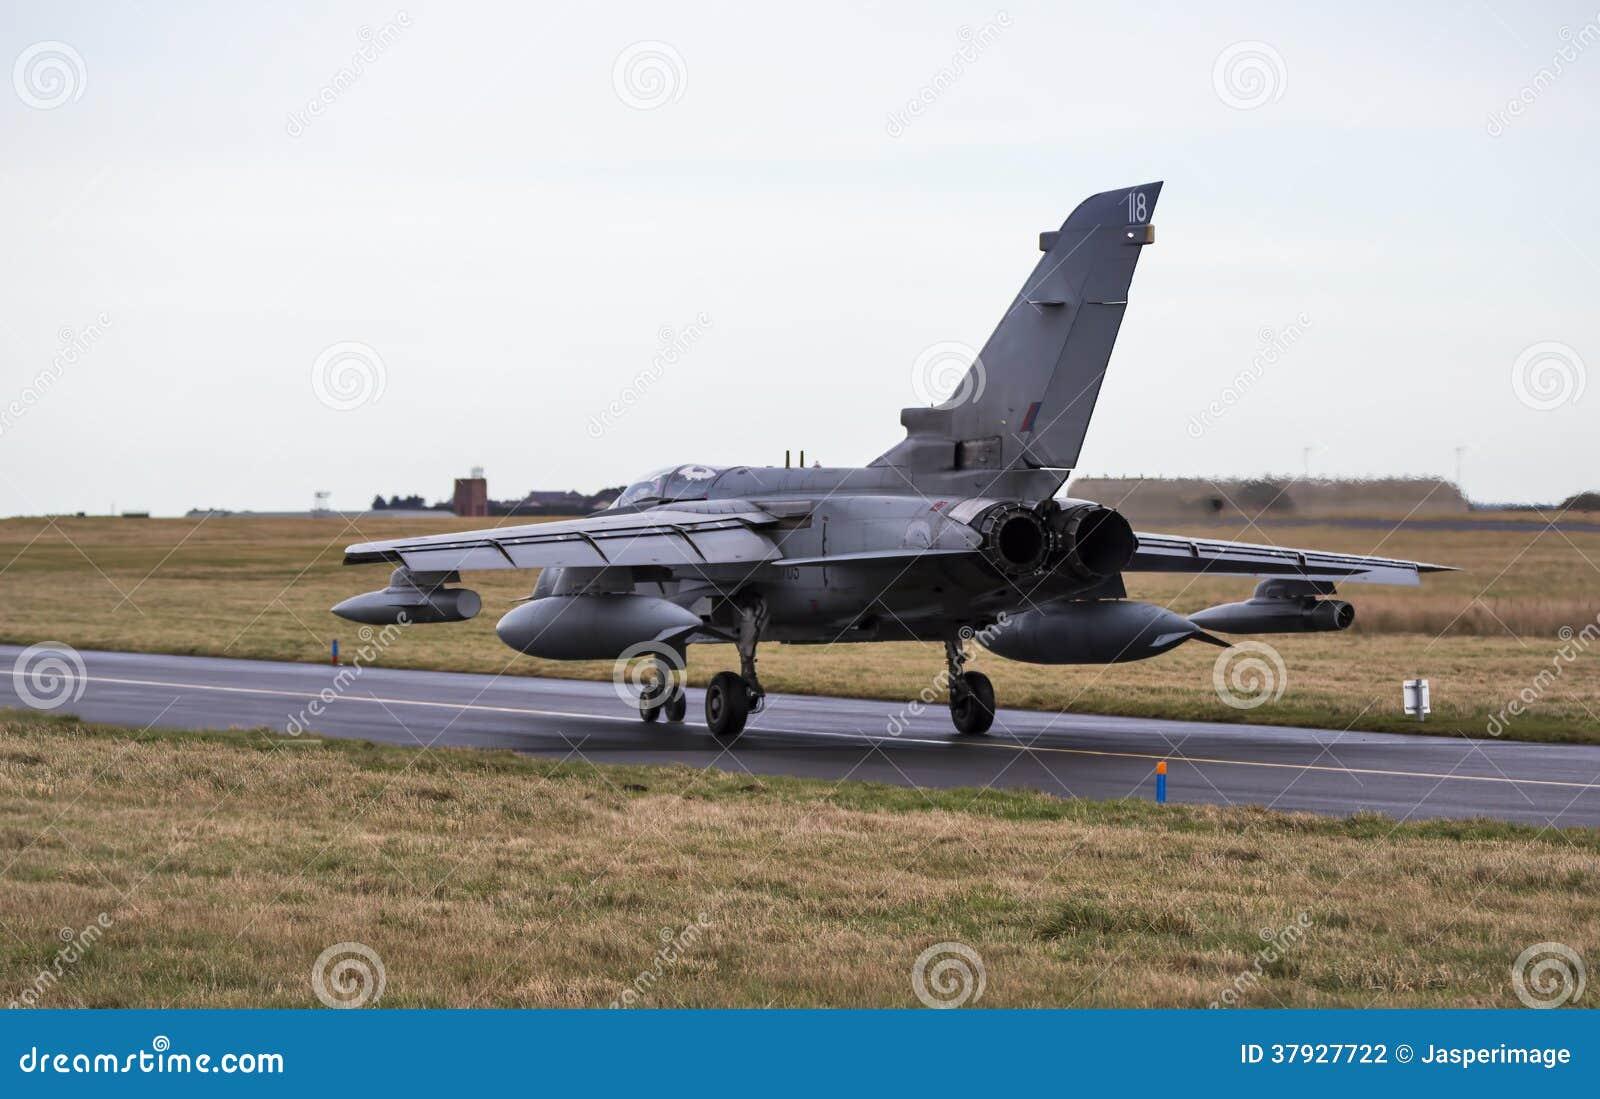 Ездить на такси двигателя торнадо RAF.